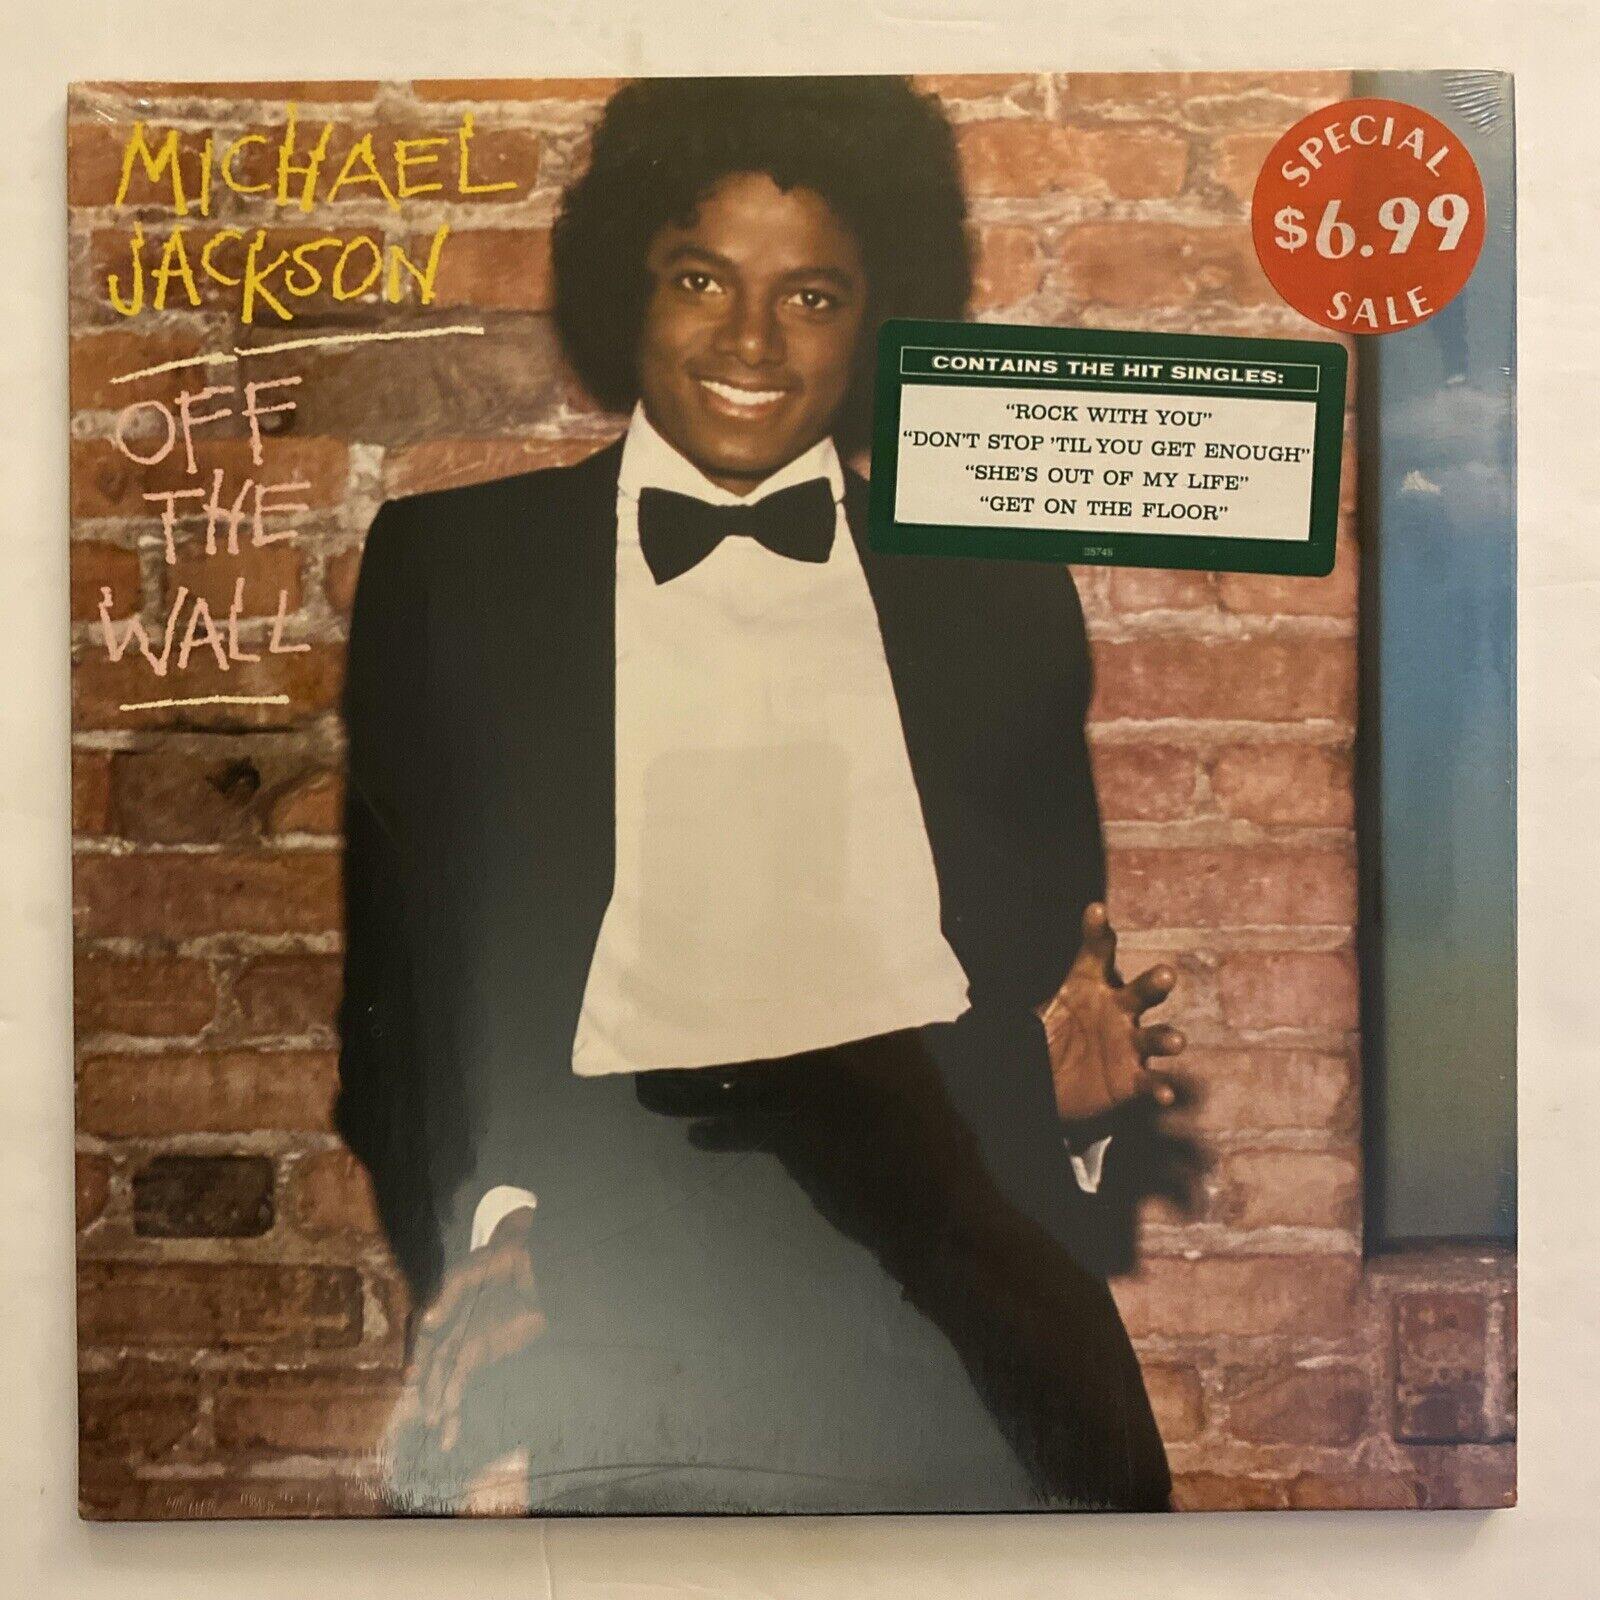 MICHAEL JACKSON//EDITION LIMITEE//CADRE DISQUE DOR CD ET VINYLE//OFF THE WALL